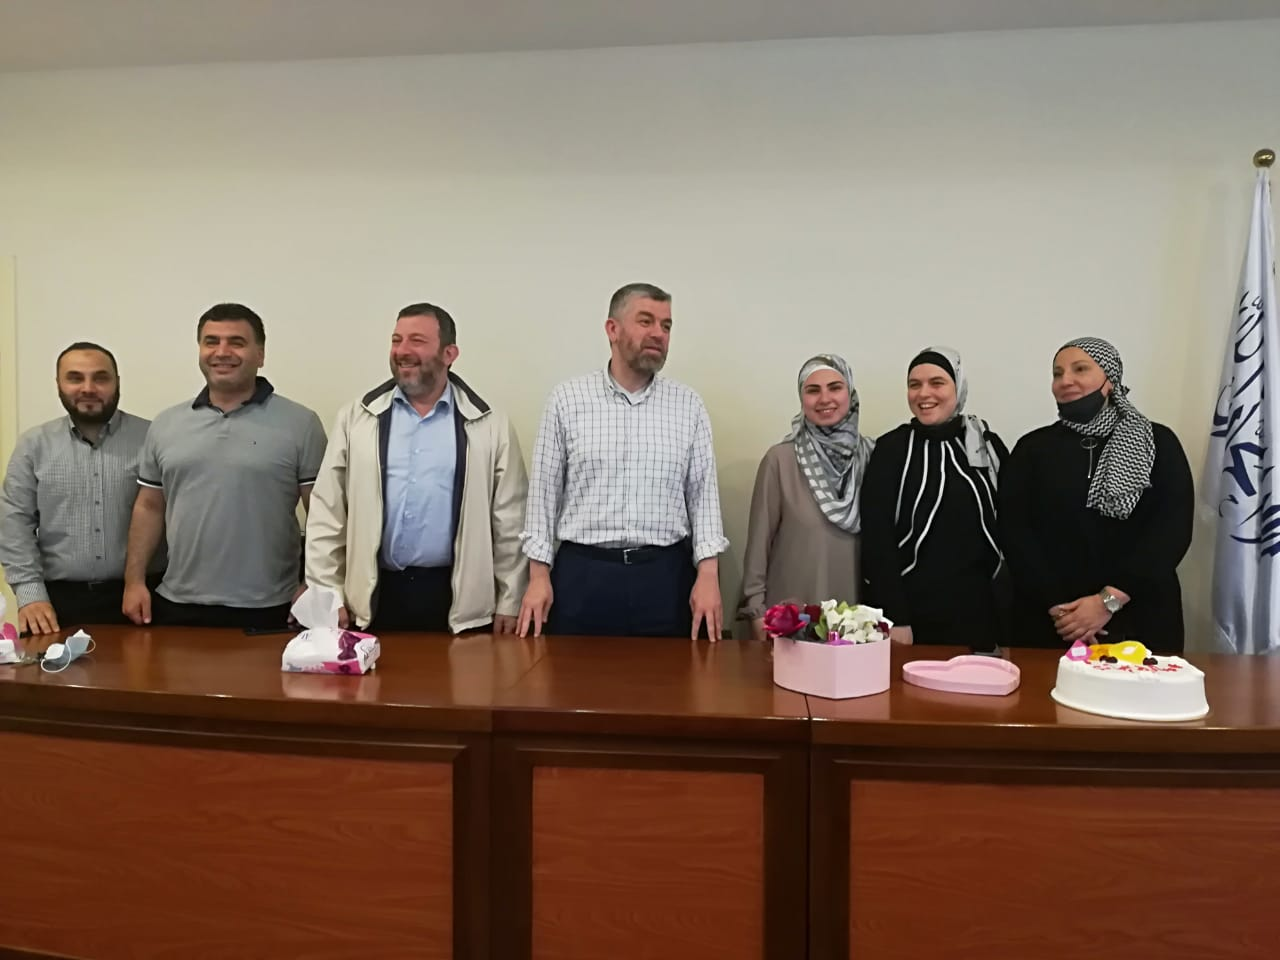 جامعة طرابلس تبارك لطالبتها في كلية التربية لارا كمال الدين بمناسبة ارتدائها الحجاب (3/3)